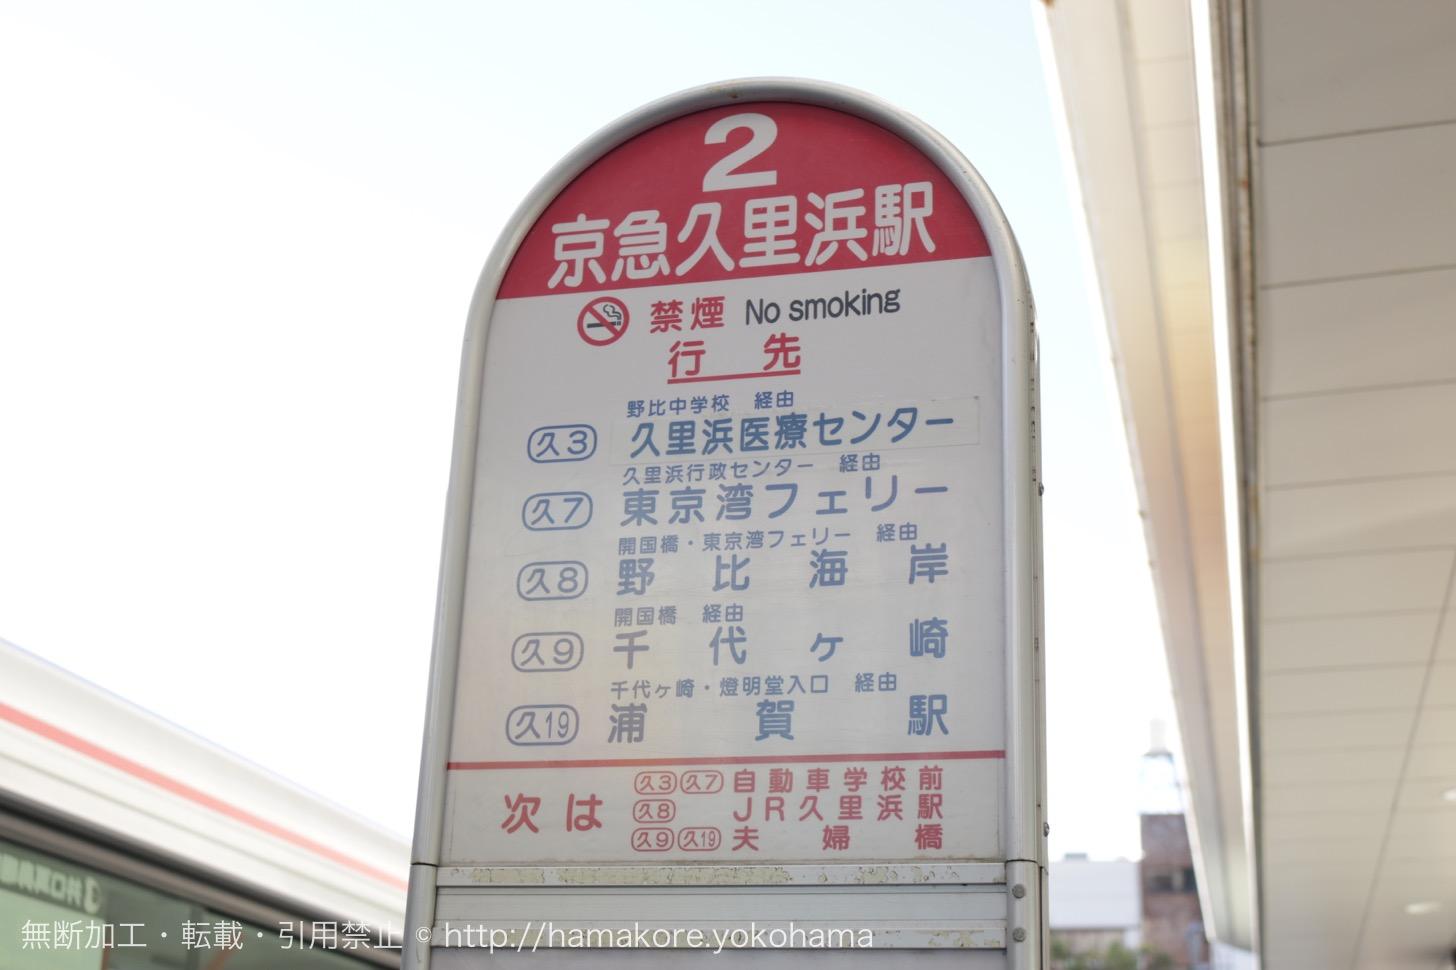 京急久里浜駅 2番のりば